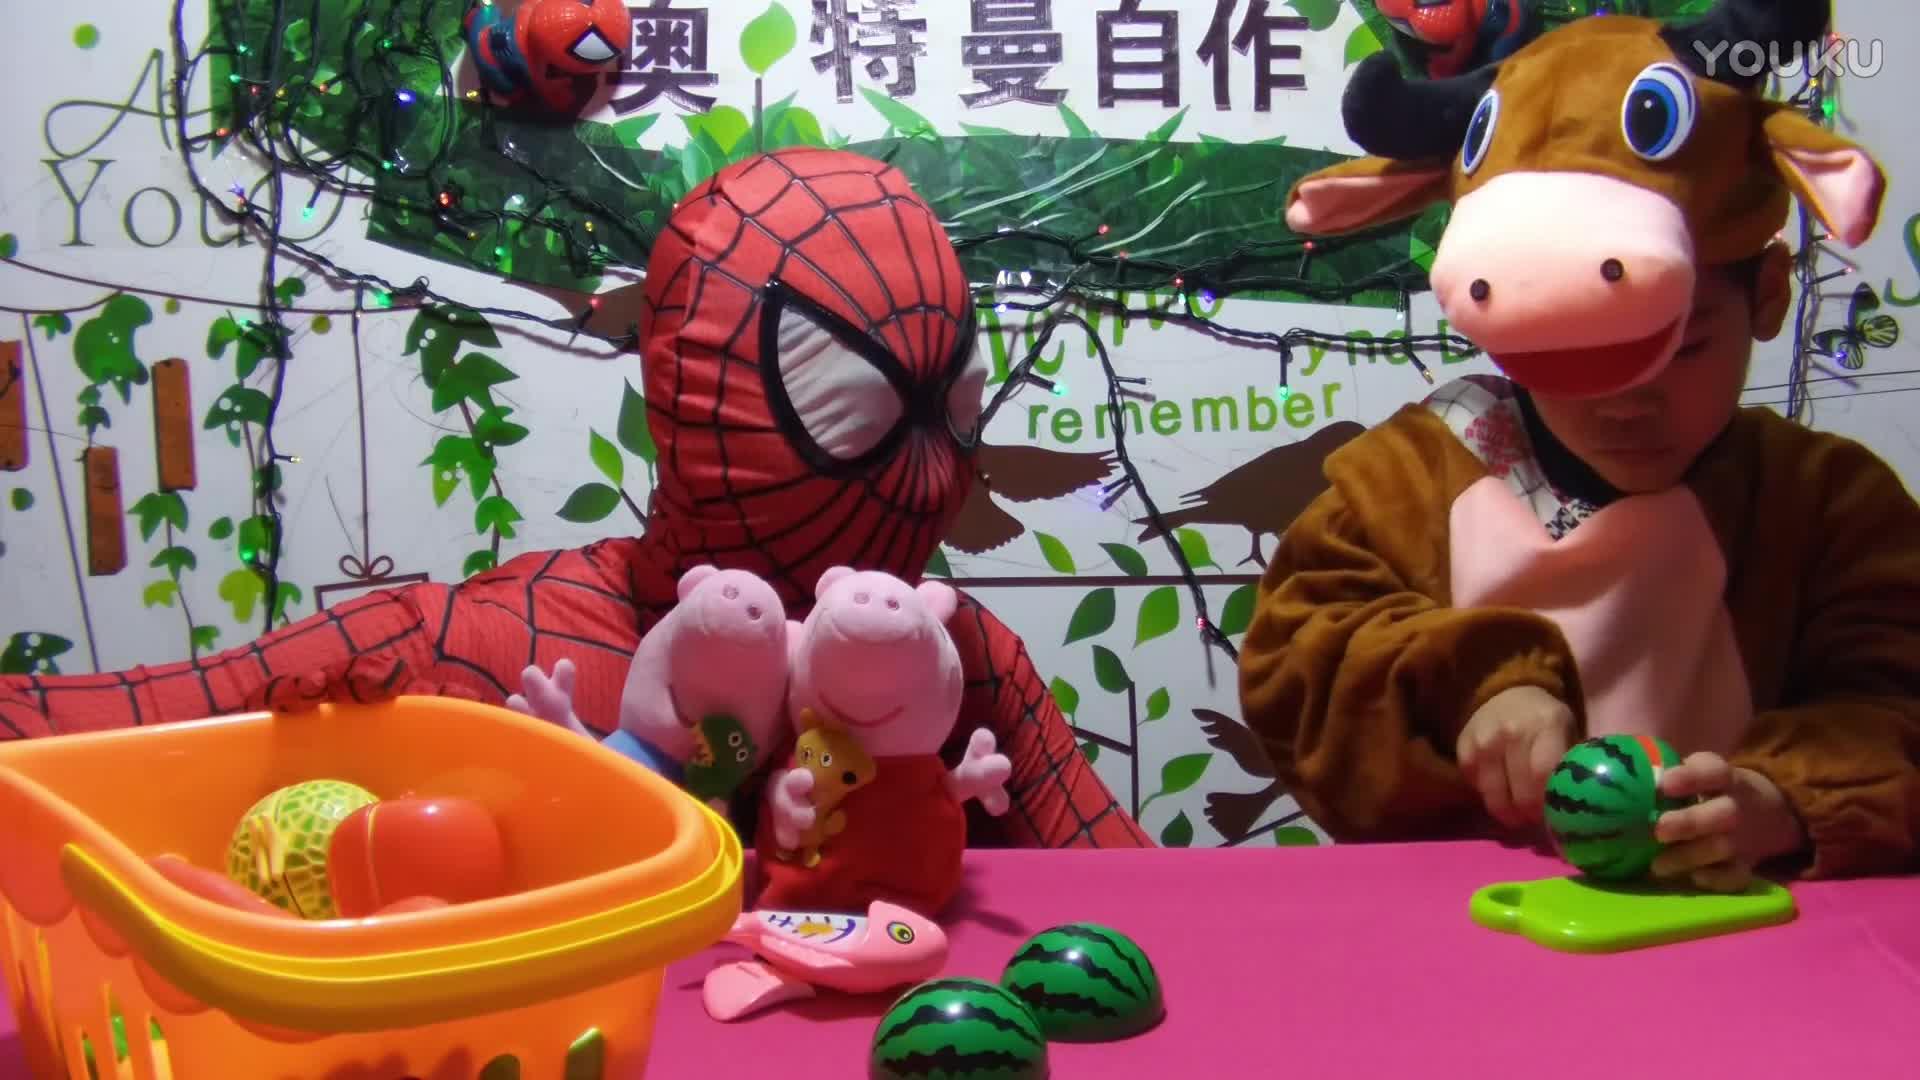 蜘蛛侠 小黄牛宝贝 粉红小猪佩奇乔治 疯狂切水果【四十二】 视频